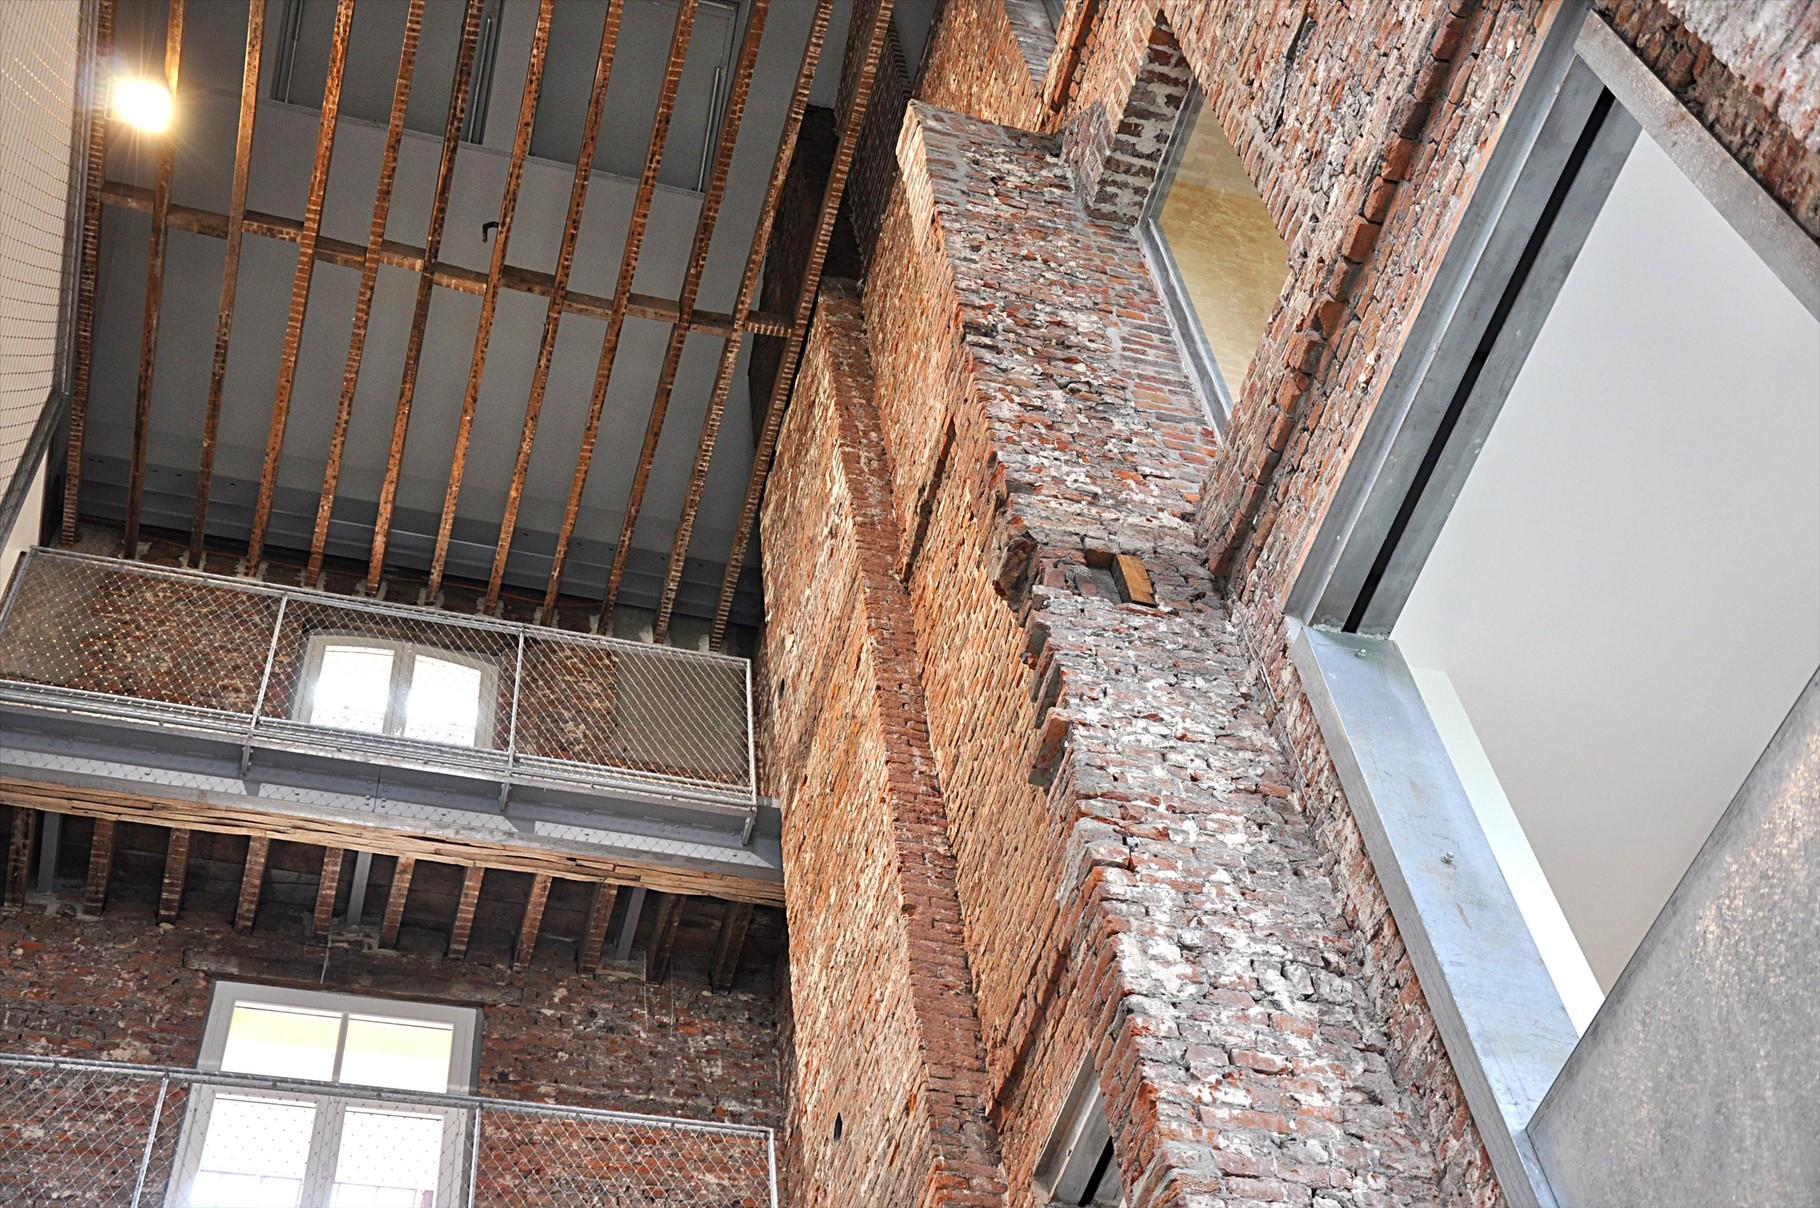 Caractéristiques de l'habitation familistérienne : construction en briques,coursives suspendues accessibles par des escaliers d'angles